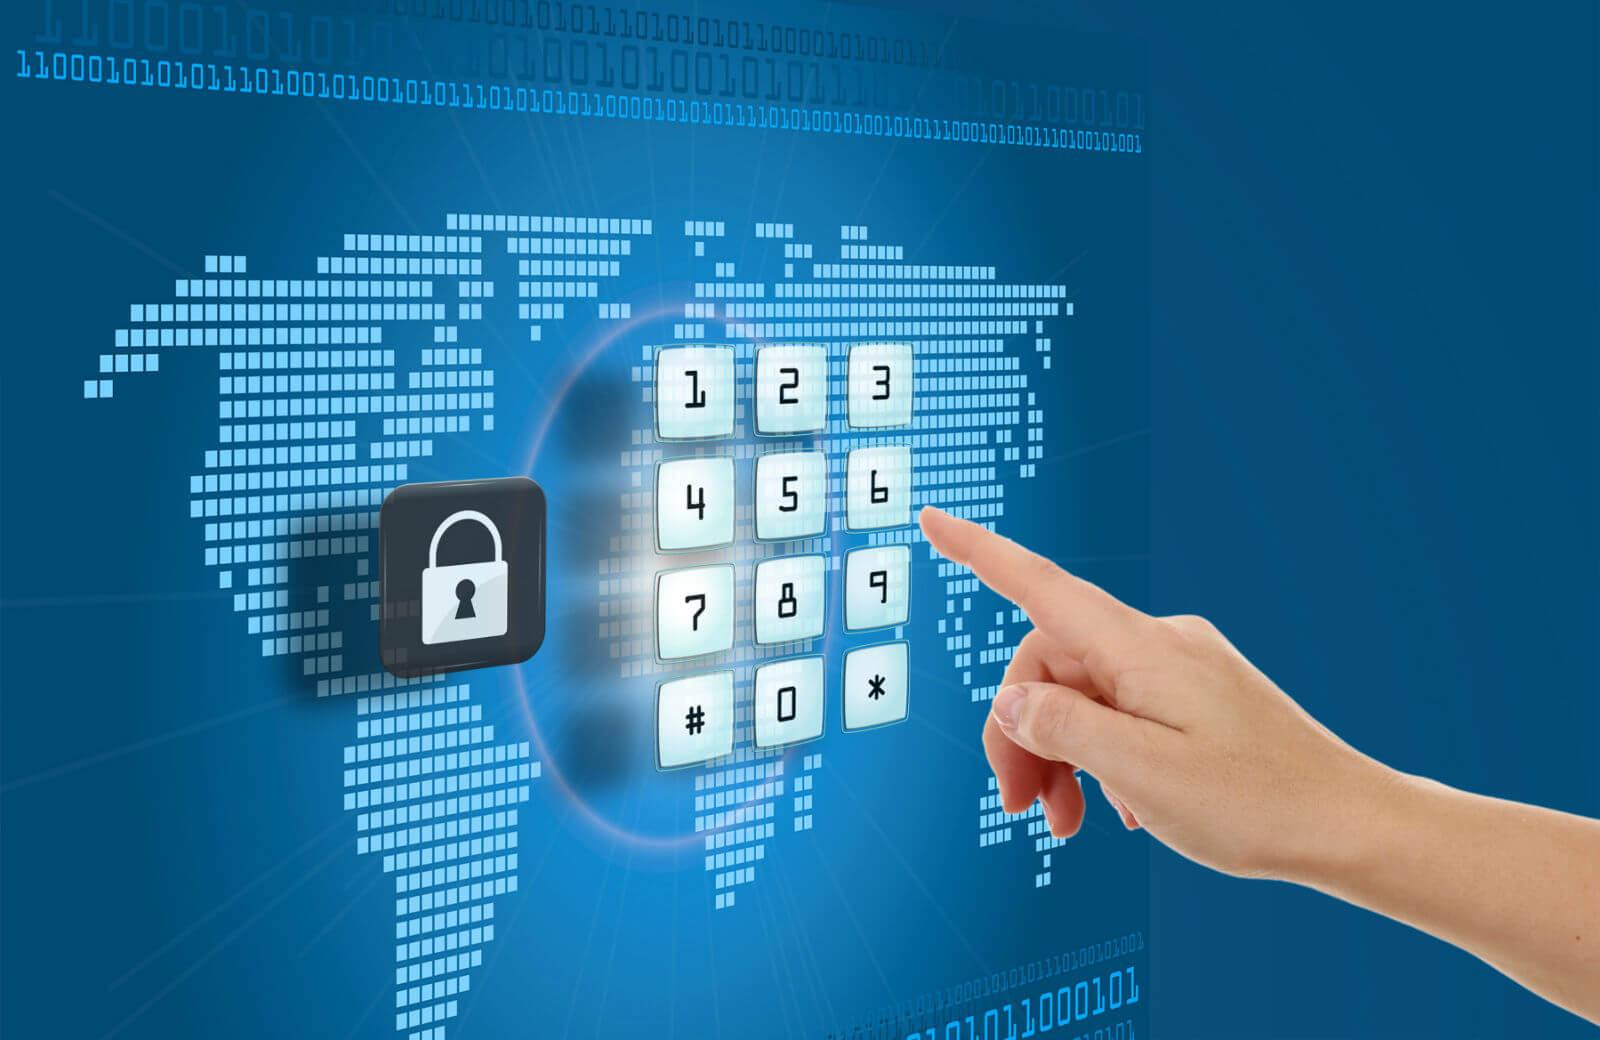 2019 informatiebeveiliging